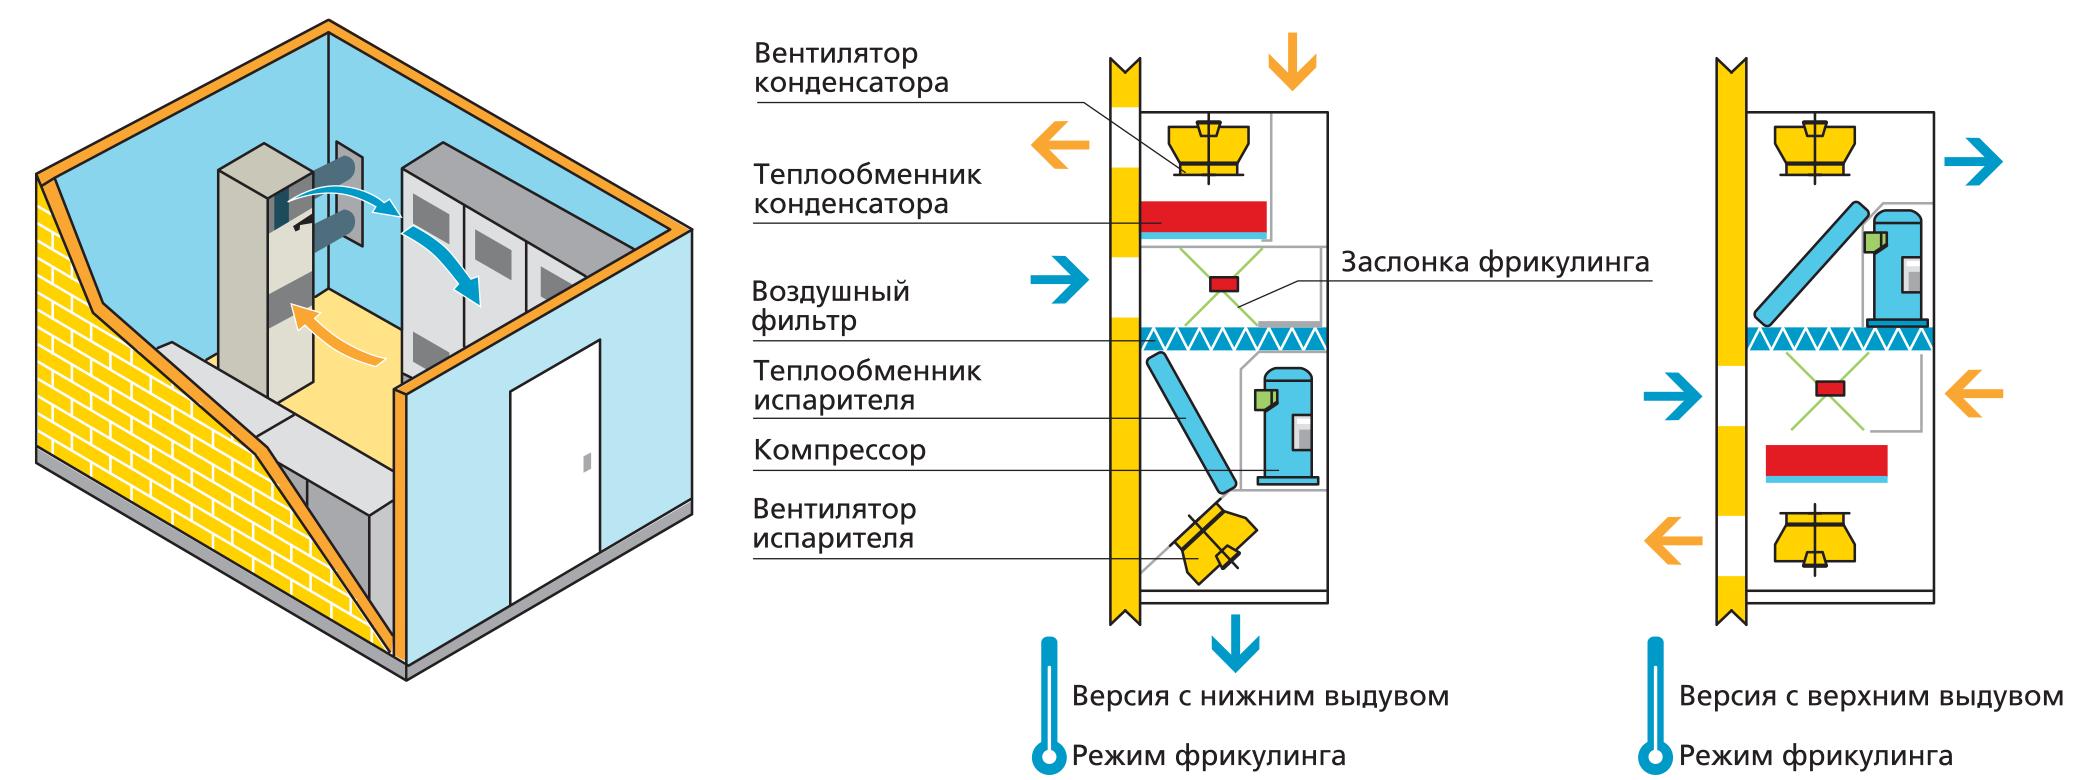 Как сделать конверсию из модели камаз